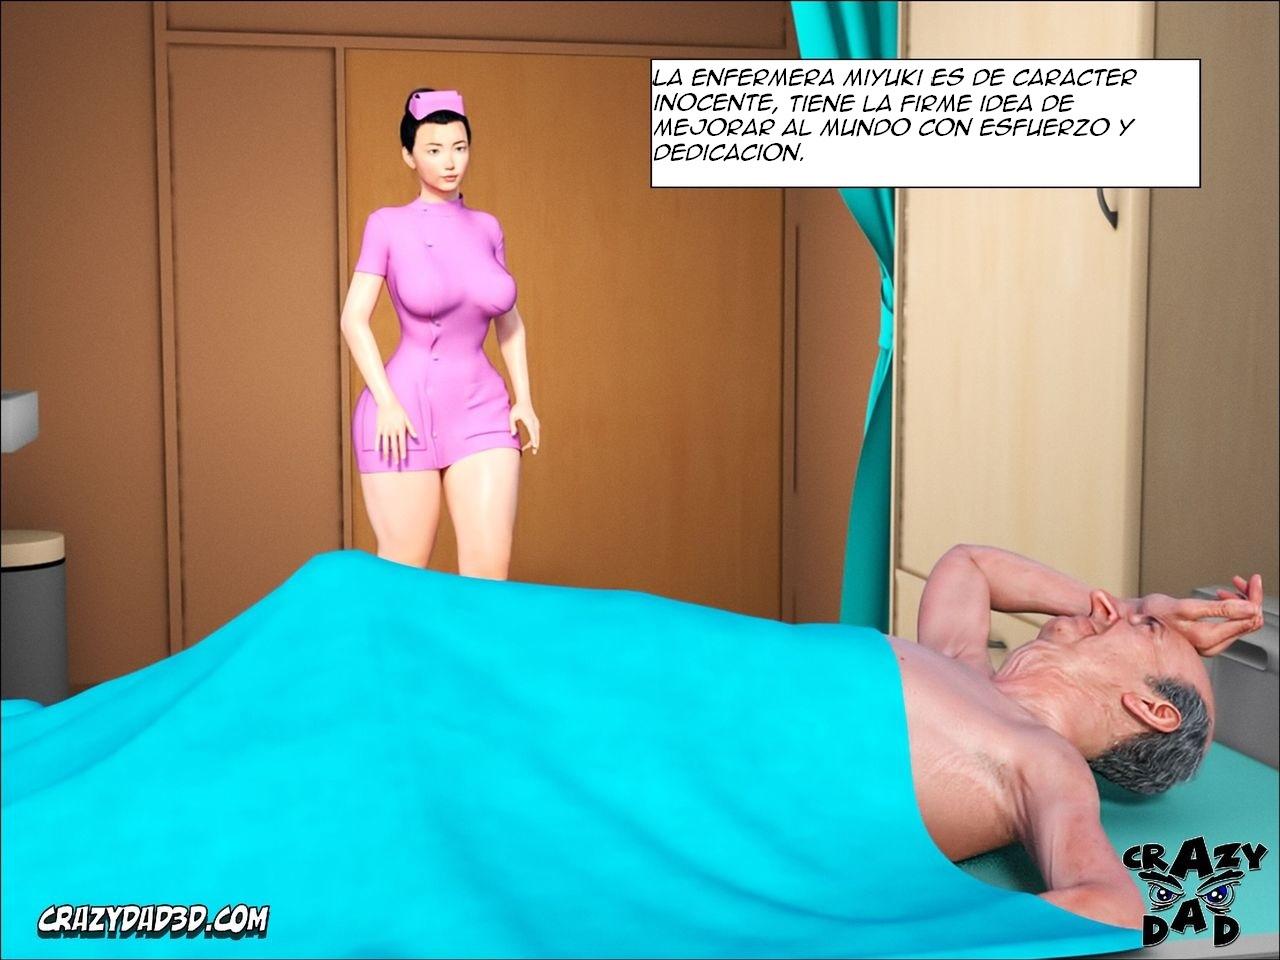 DADDY CRAZY Desire parte 3